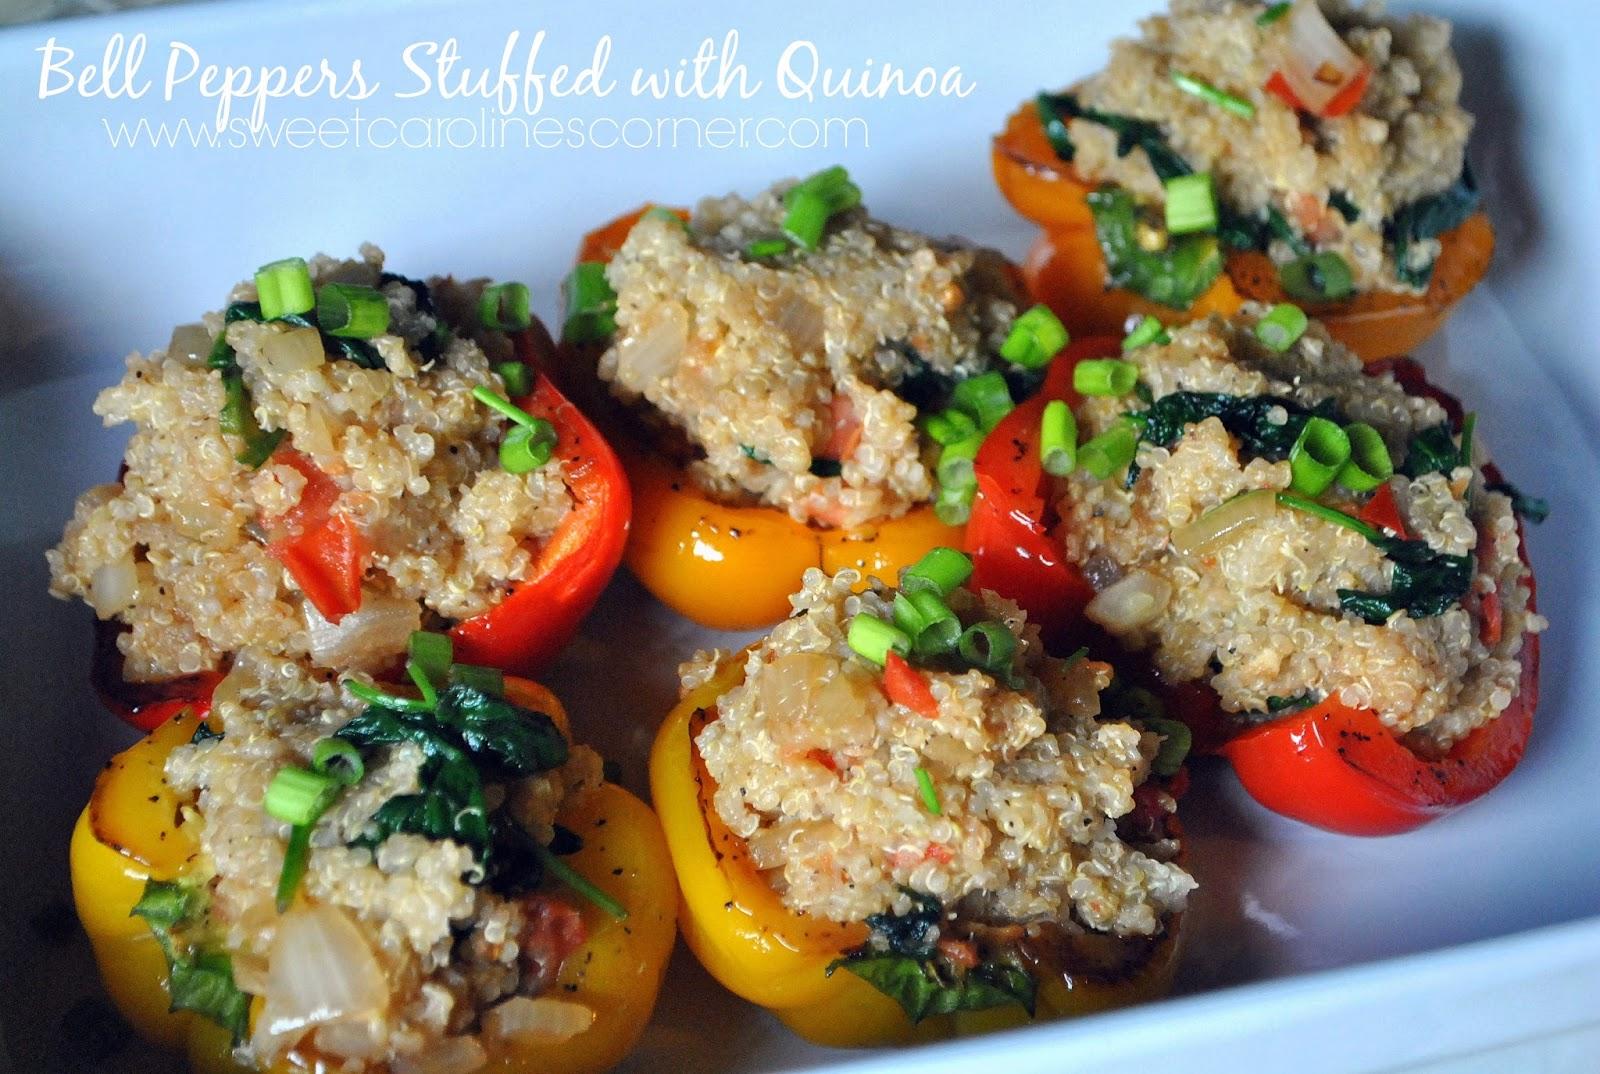 bell peppers stuffed with quinoa (pimentões recheados com quinoa)